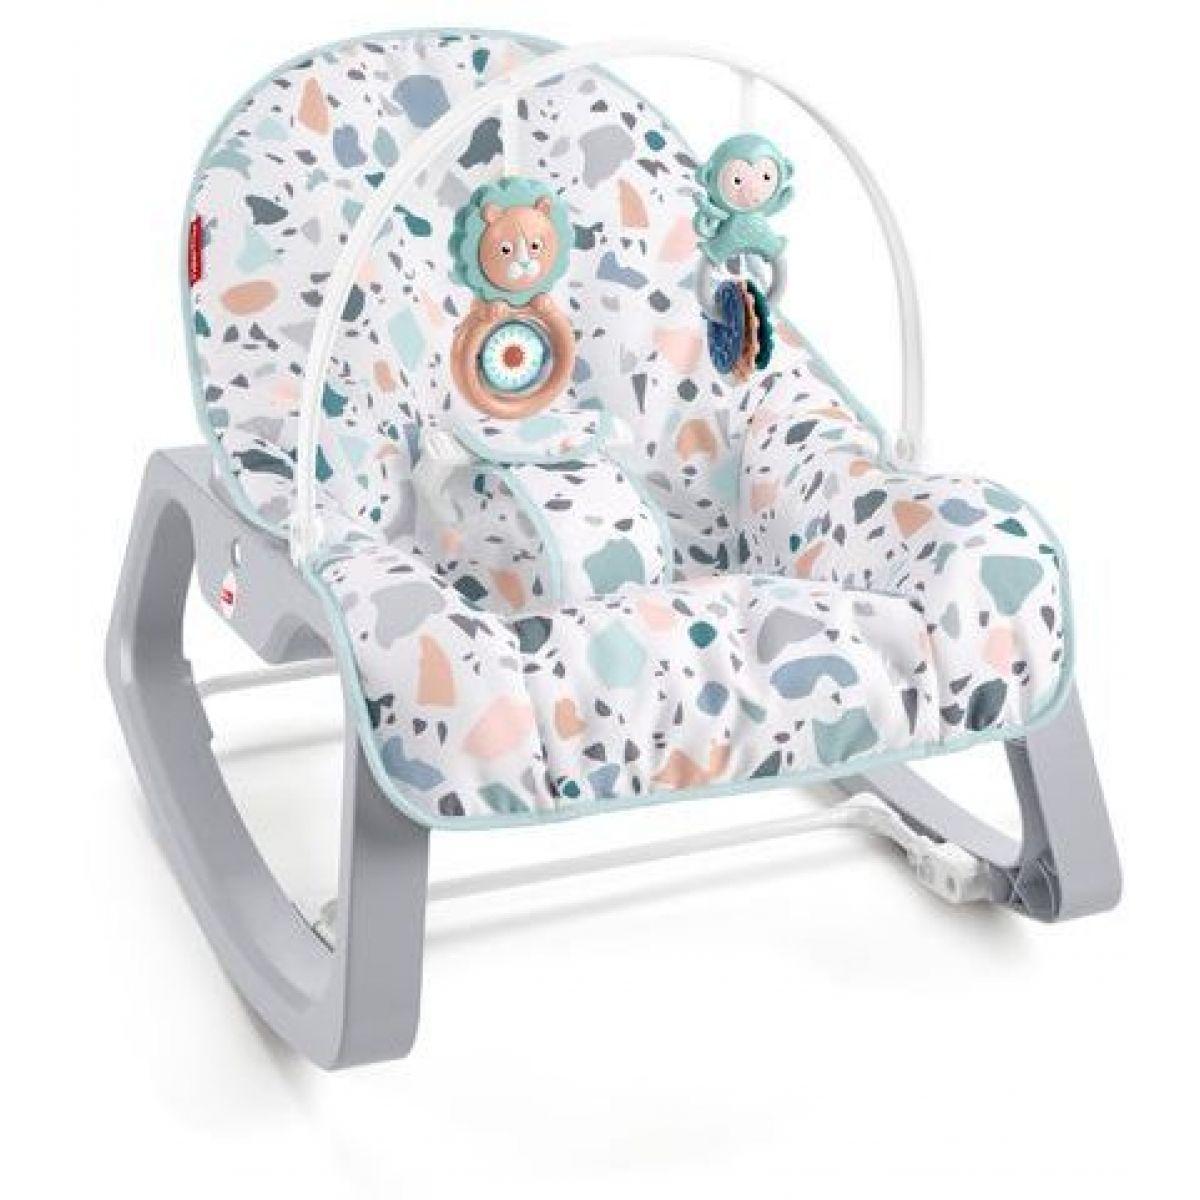 Fisher Price sedátko od bábätka po batoľa Terrazzo